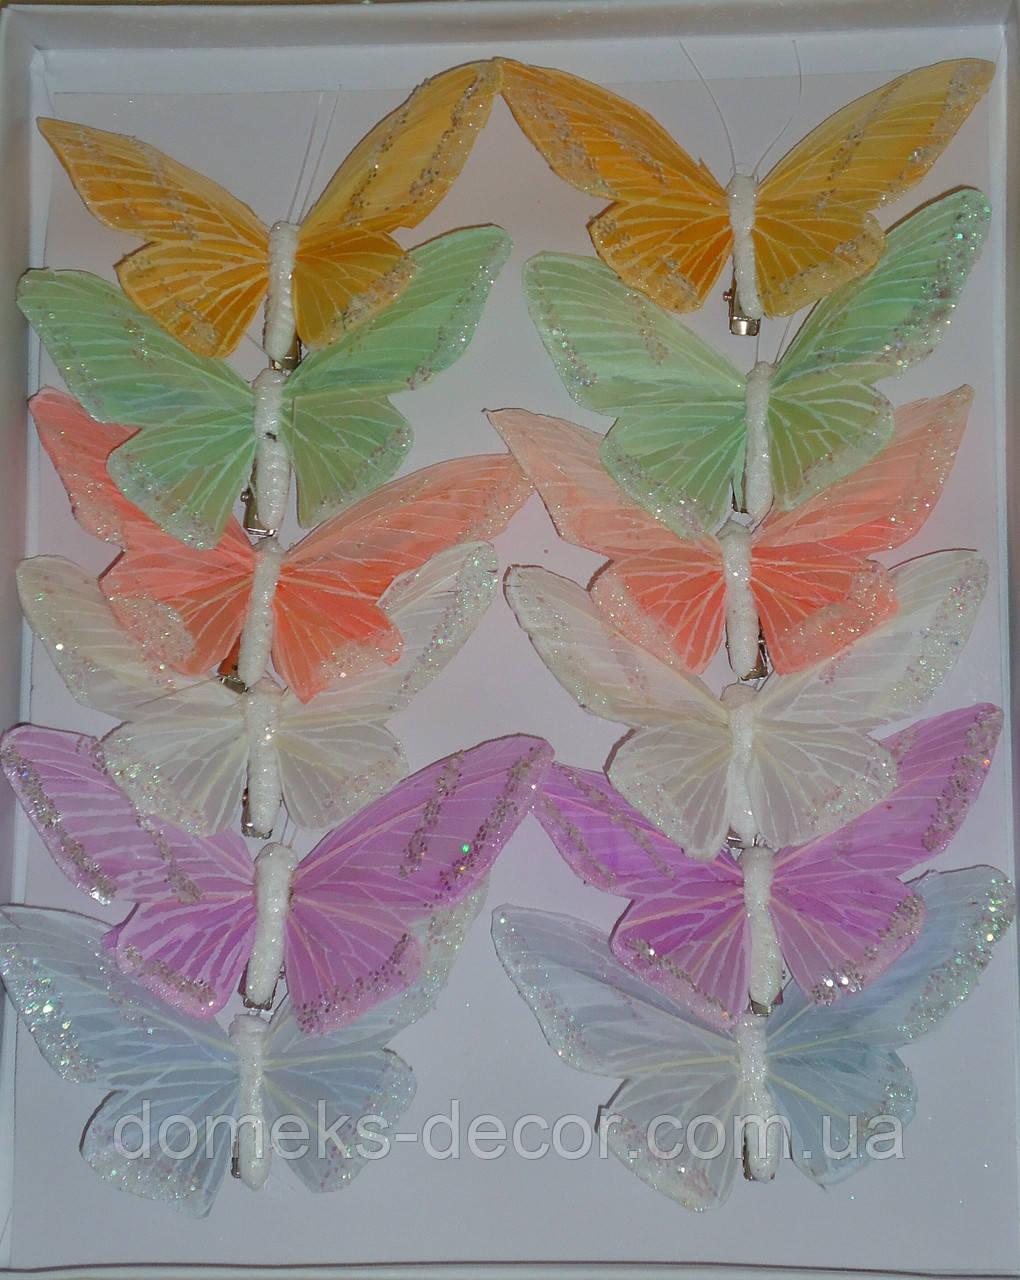 Бабочка 12 см, фото 1